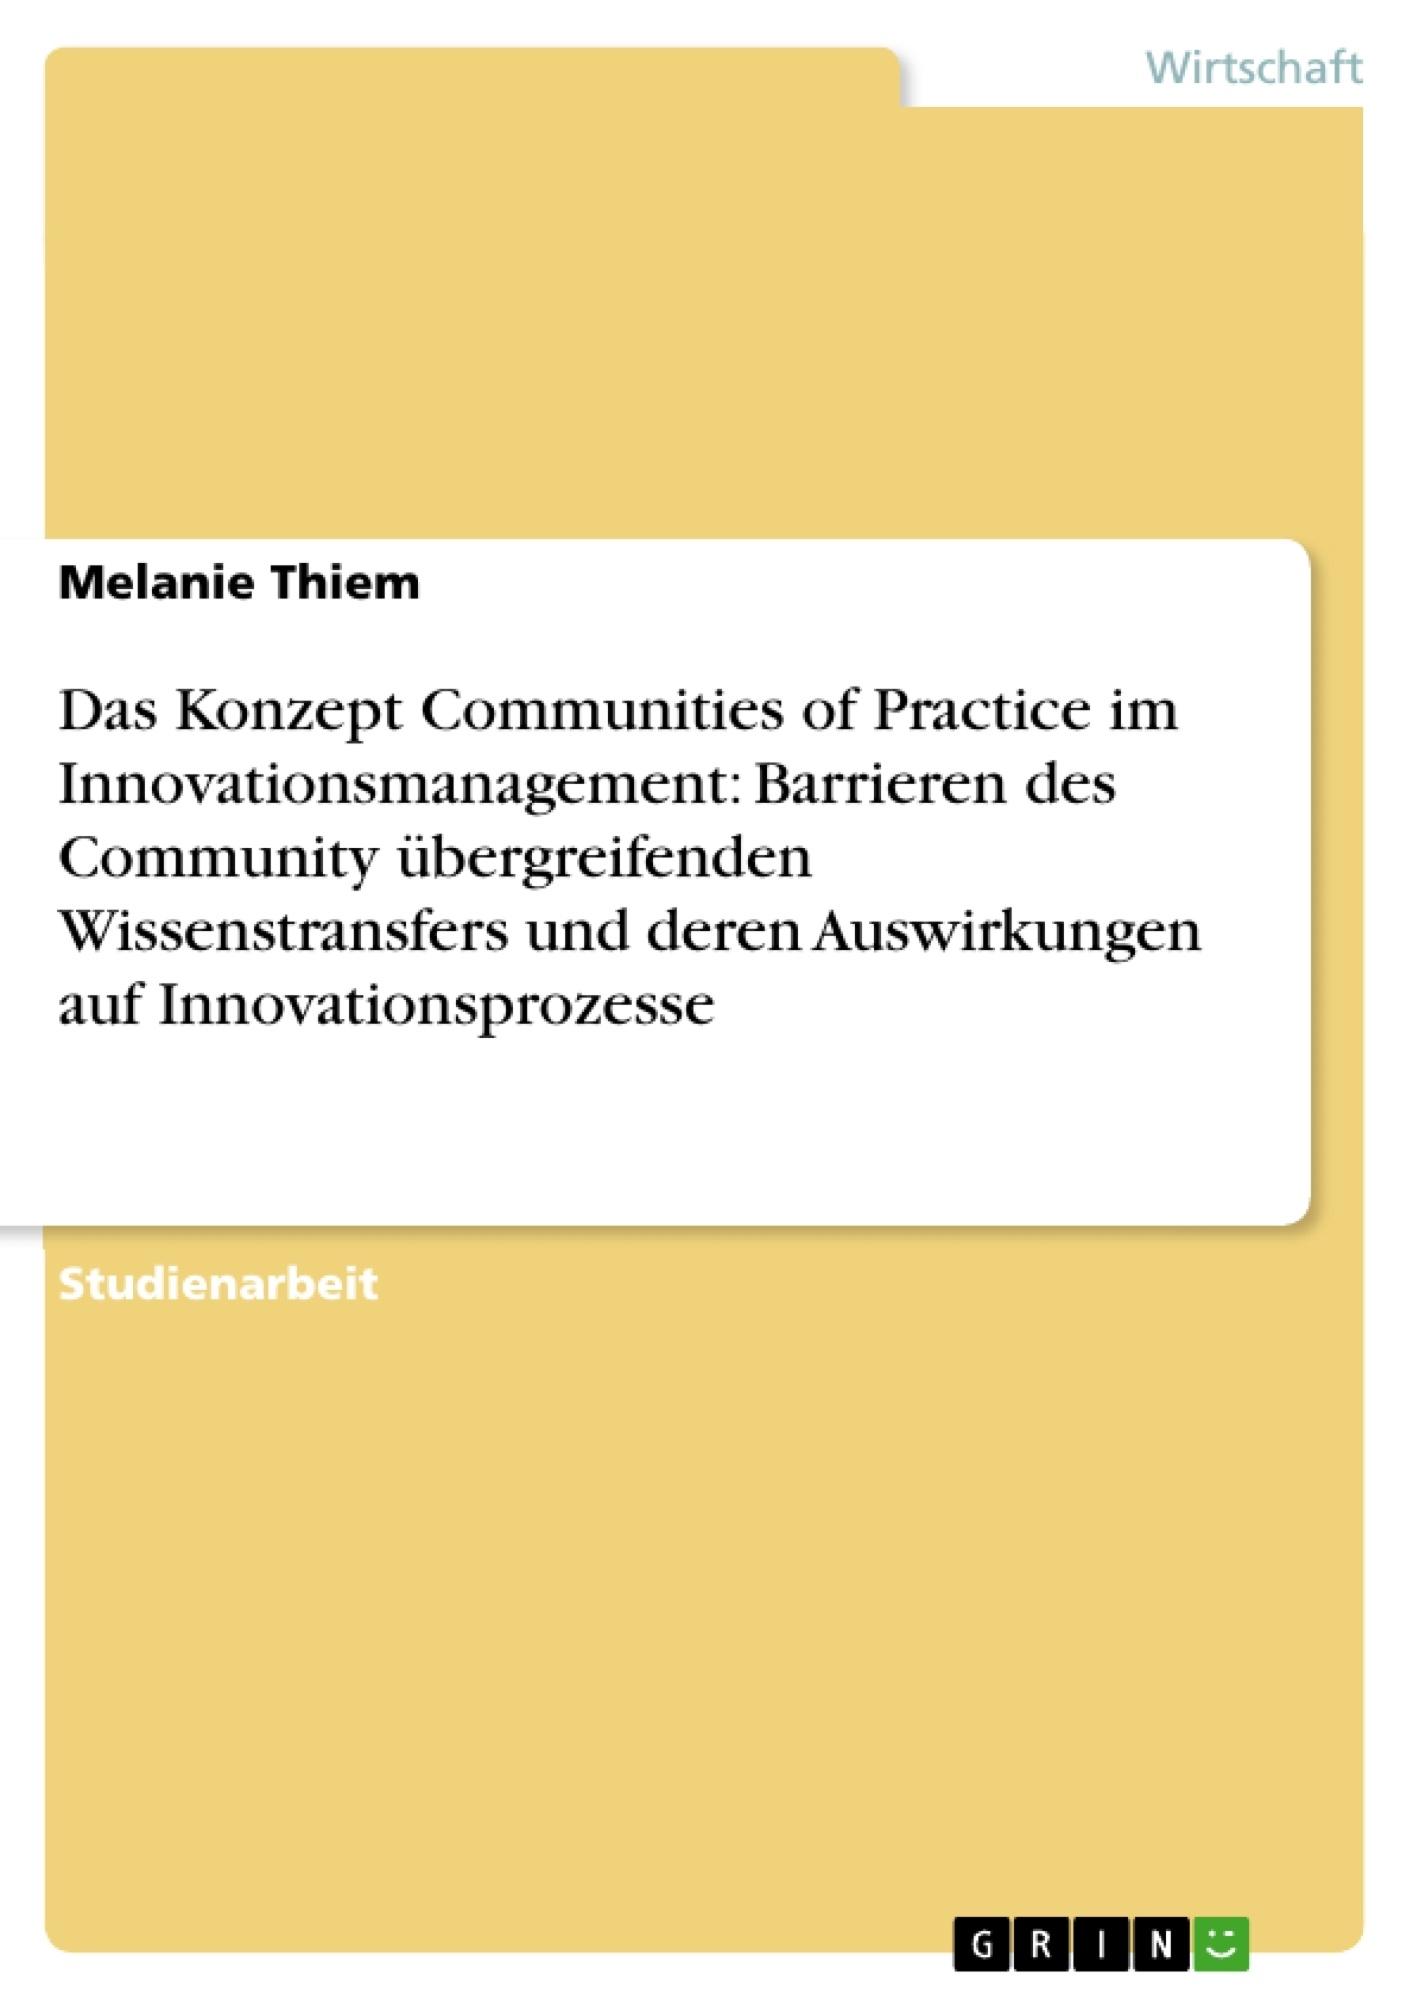 Titel: Das Konzept Communities of Practice im Innovationsmanagement: Barrieren des Community übergreifenden Wissenstransfers und deren Auswirkungen auf Innovationsprozesse